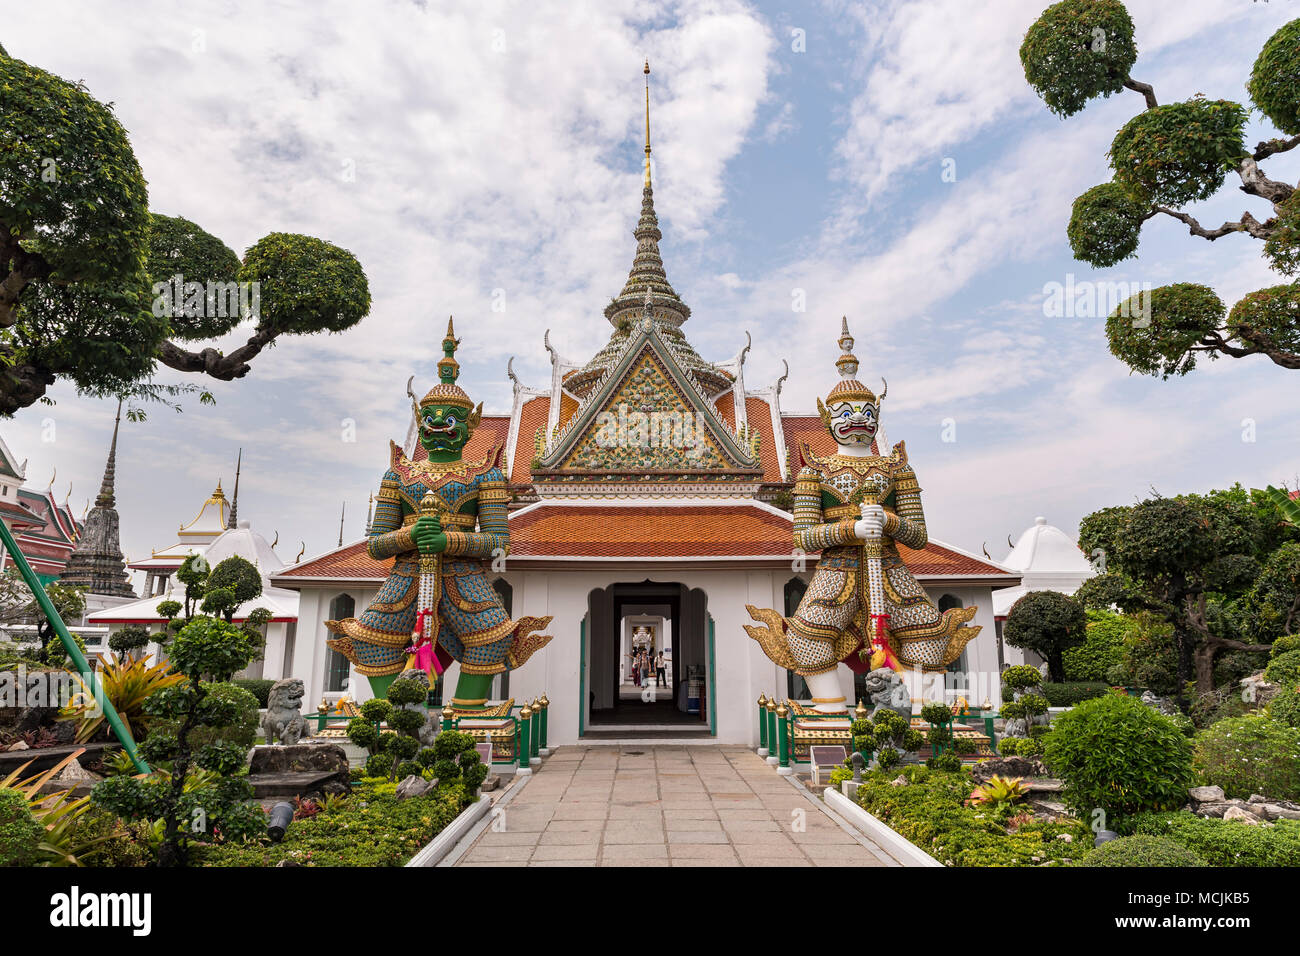 Temple avec des gardes du temple, Wat Arun, Temple de l'aube, Bangkok, Thaïlande Photo Stock